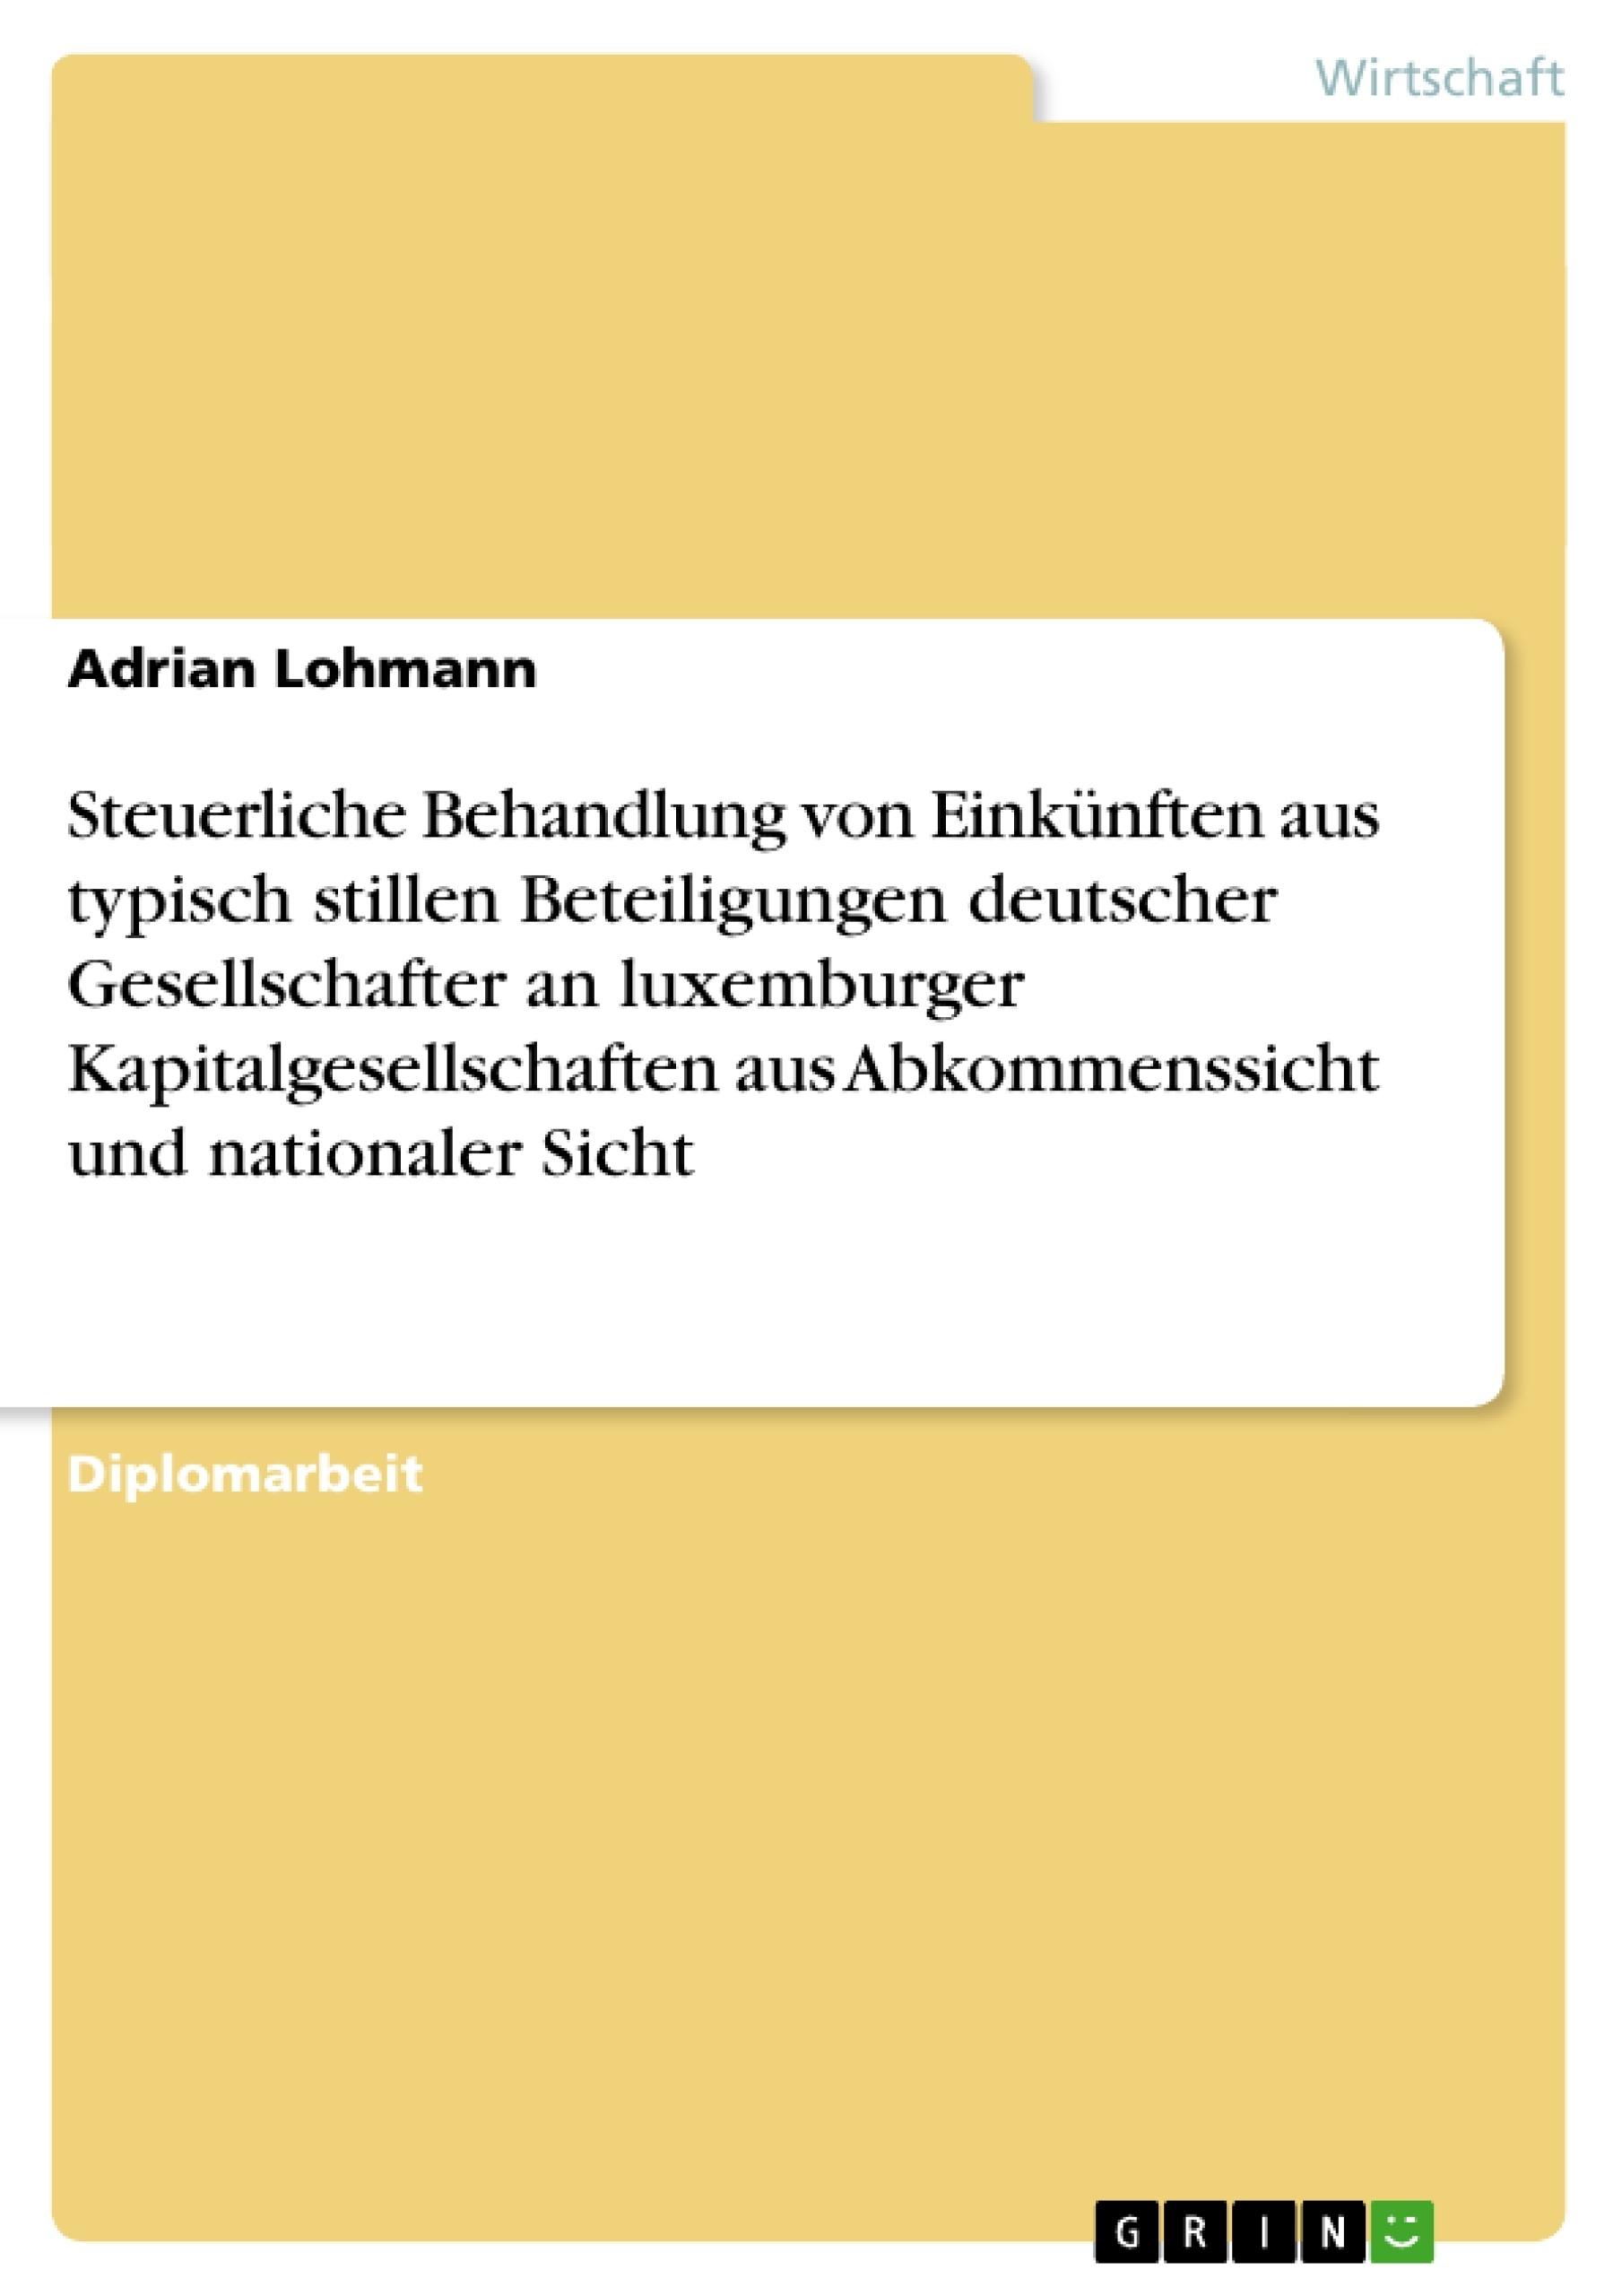 Titel: Steuerliche Behandlung von Einkünften aus typisch stillen Beteiligungen deutscher Gesellschafter an luxemburger Kapitalgesellschaften aus Abkommenssicht und nationaler Sicht